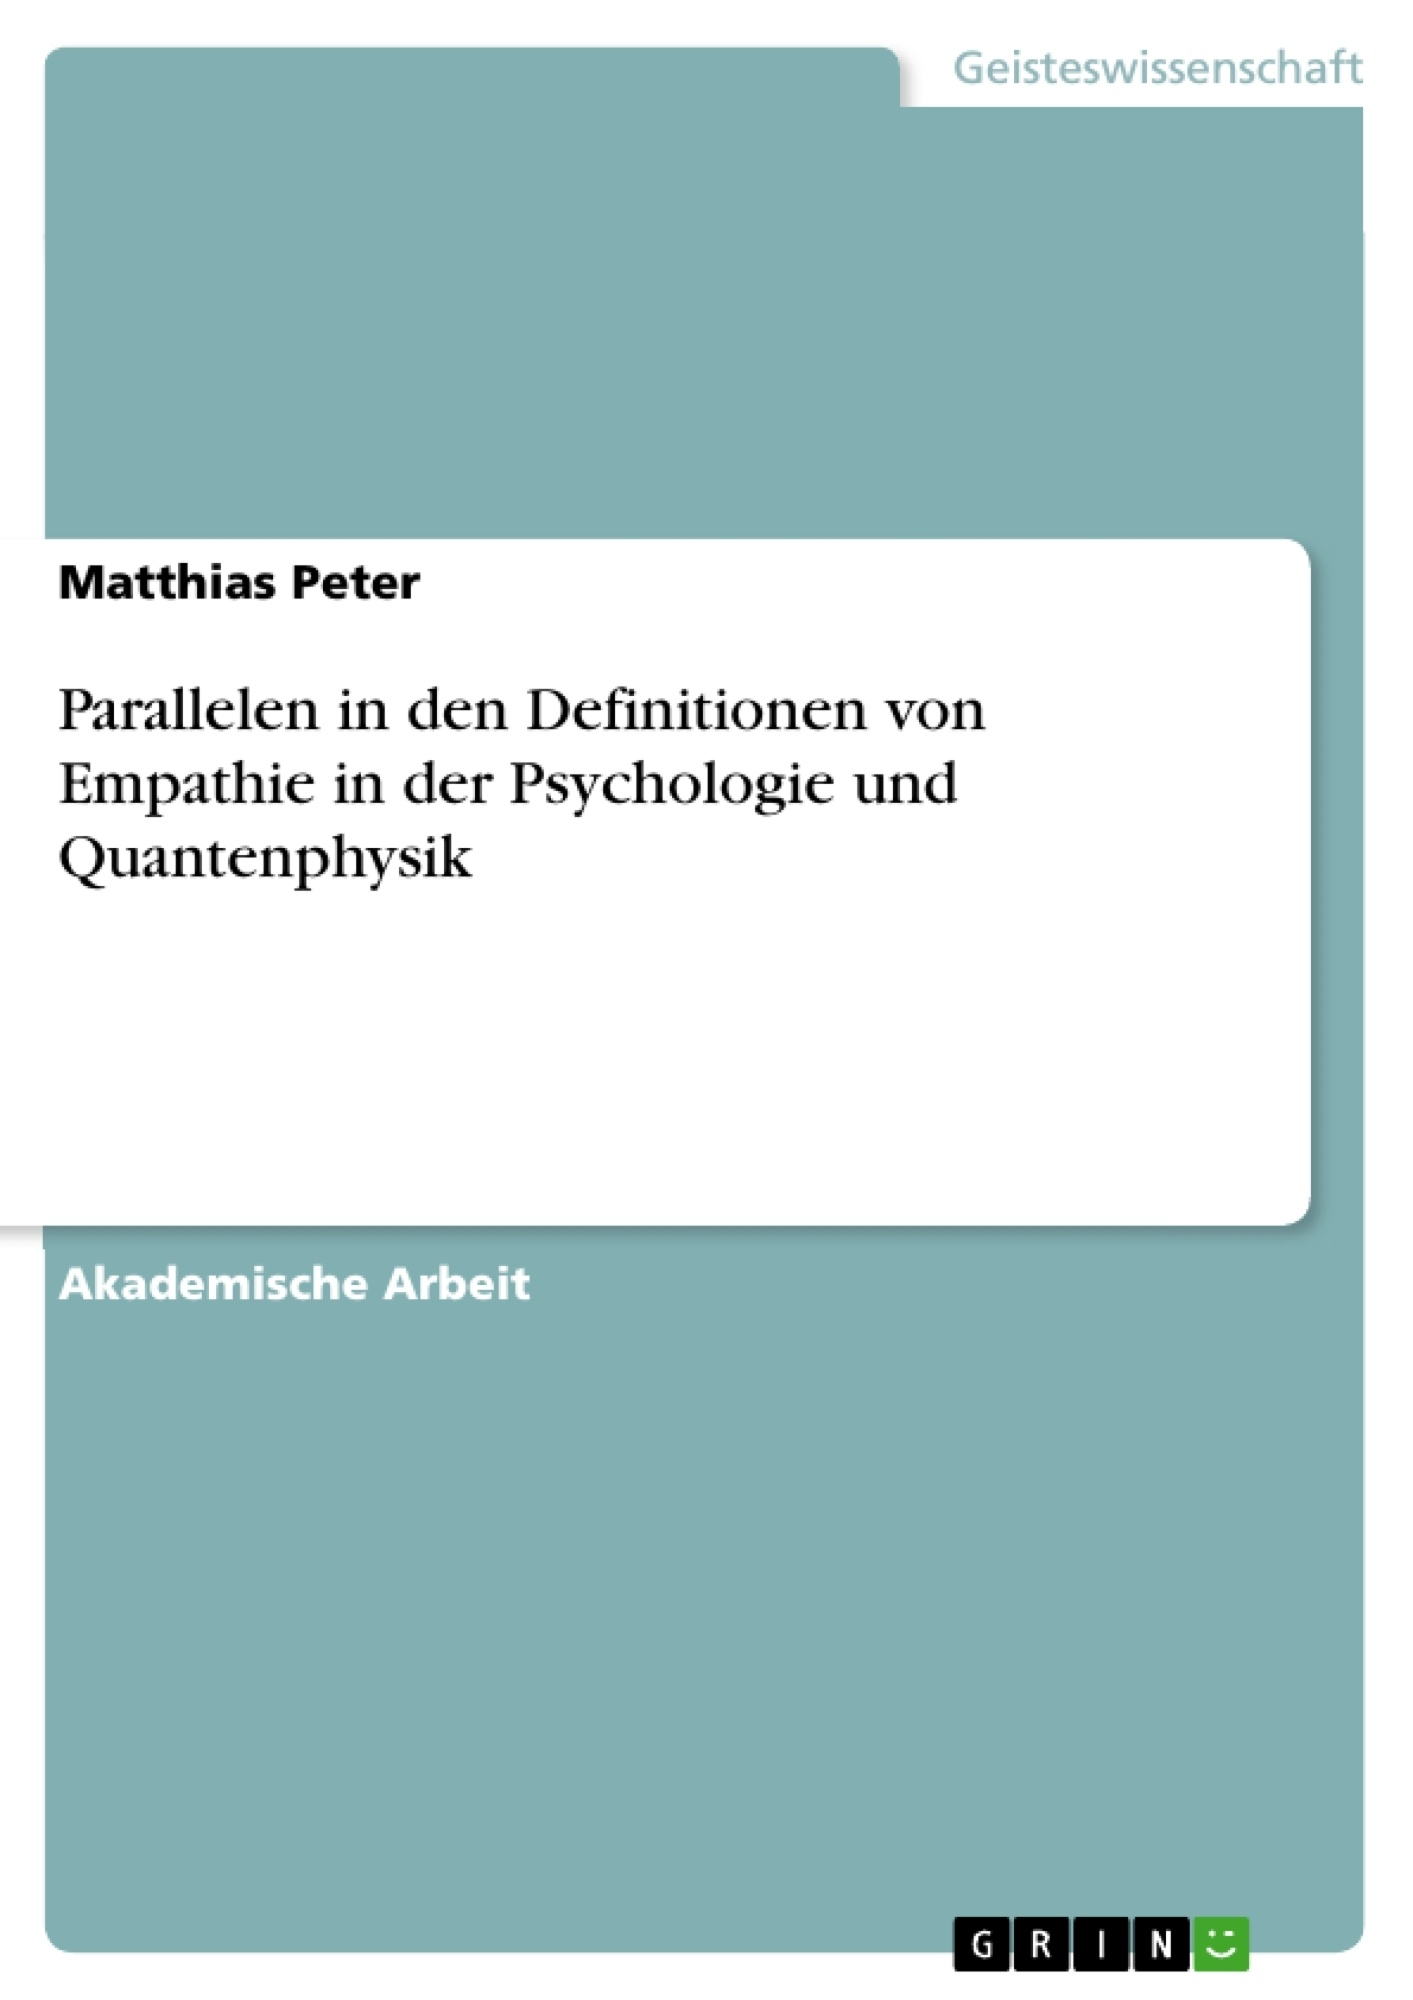 Titel: Parallelen in den Definitionen von Empathie in der Psychologie und Quantenphysik